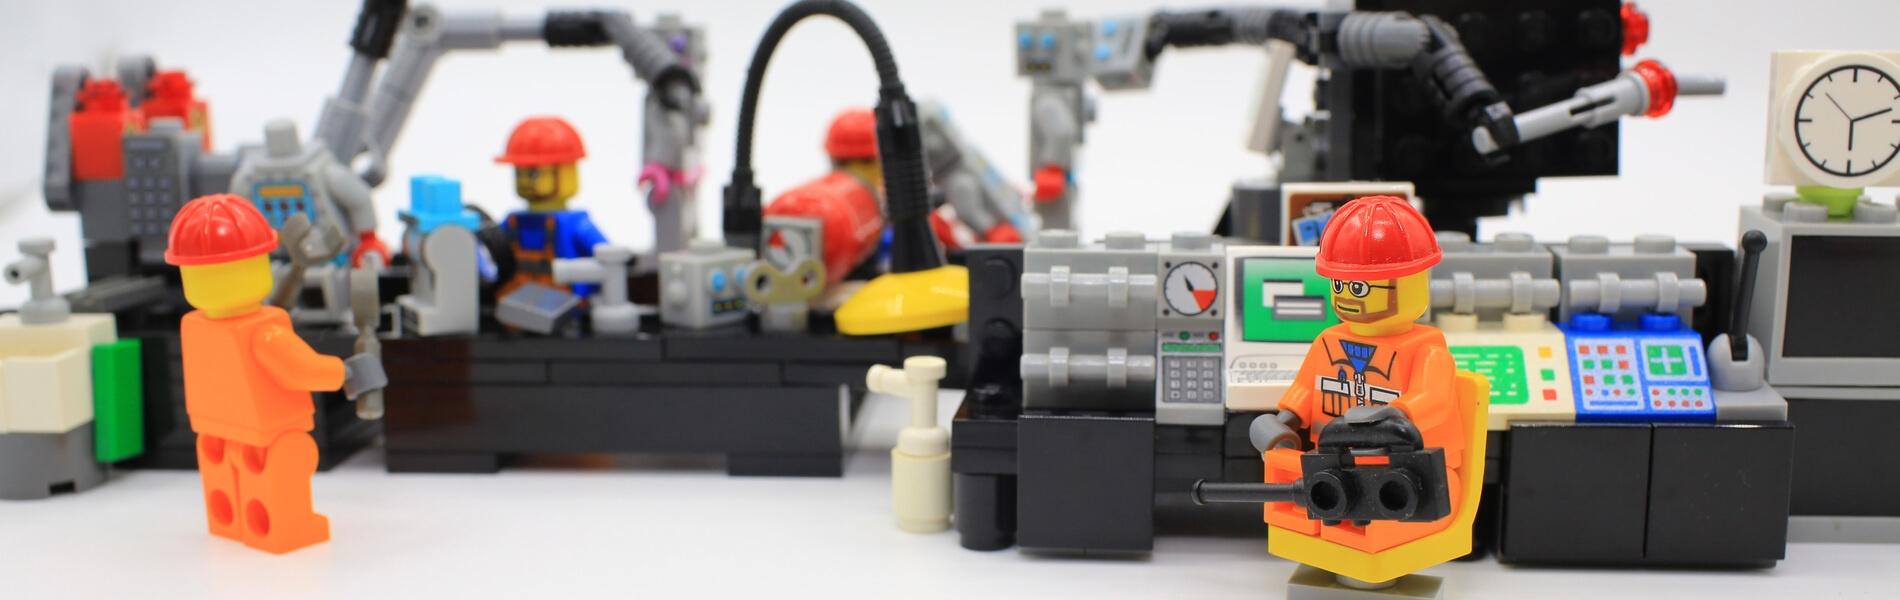 manufacturing-apprenticeships-banner.jpg